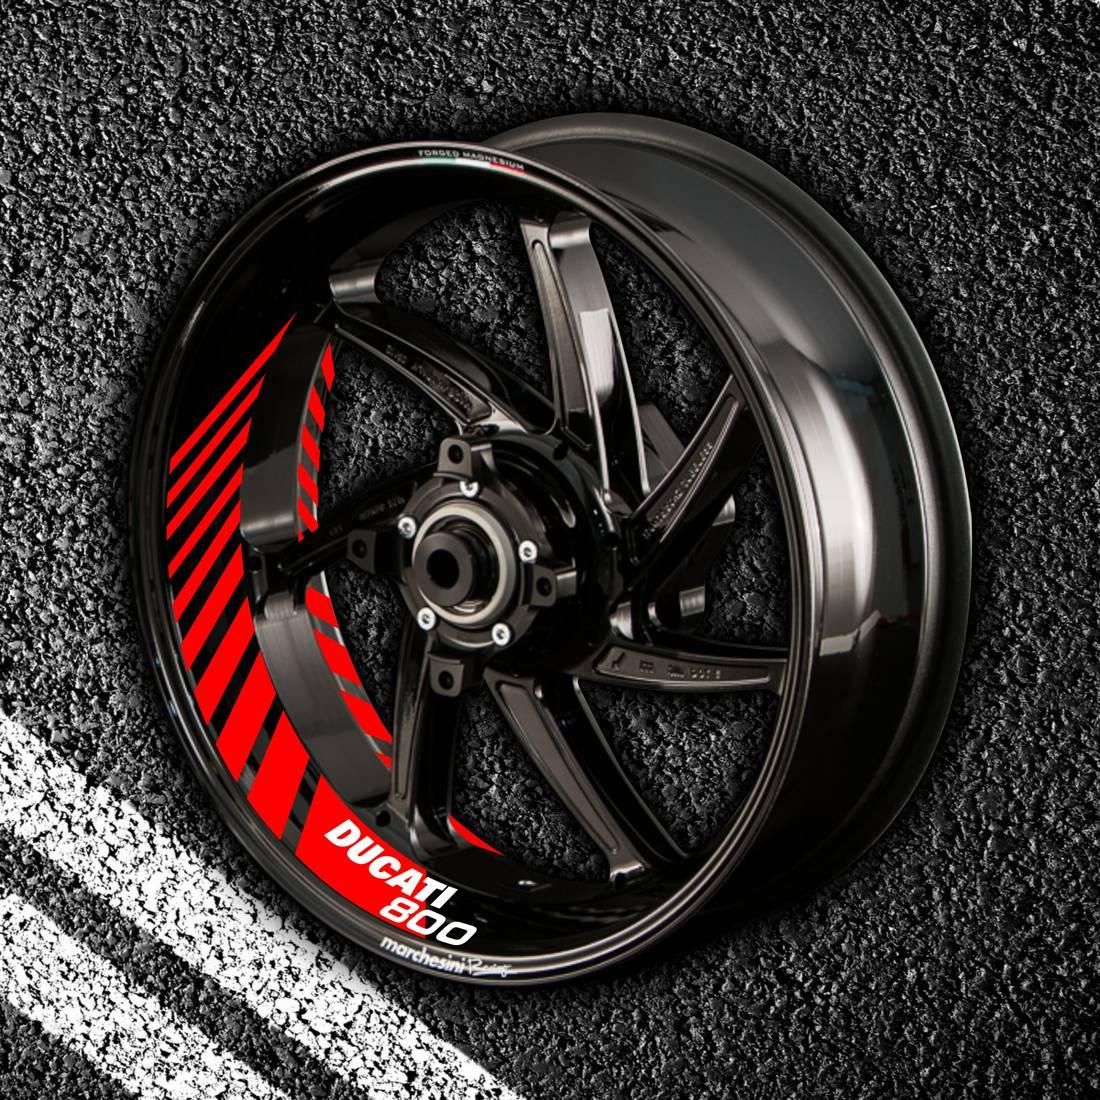 Комплект наклеек с полосами на колеса мотоцикла DUCATI 800